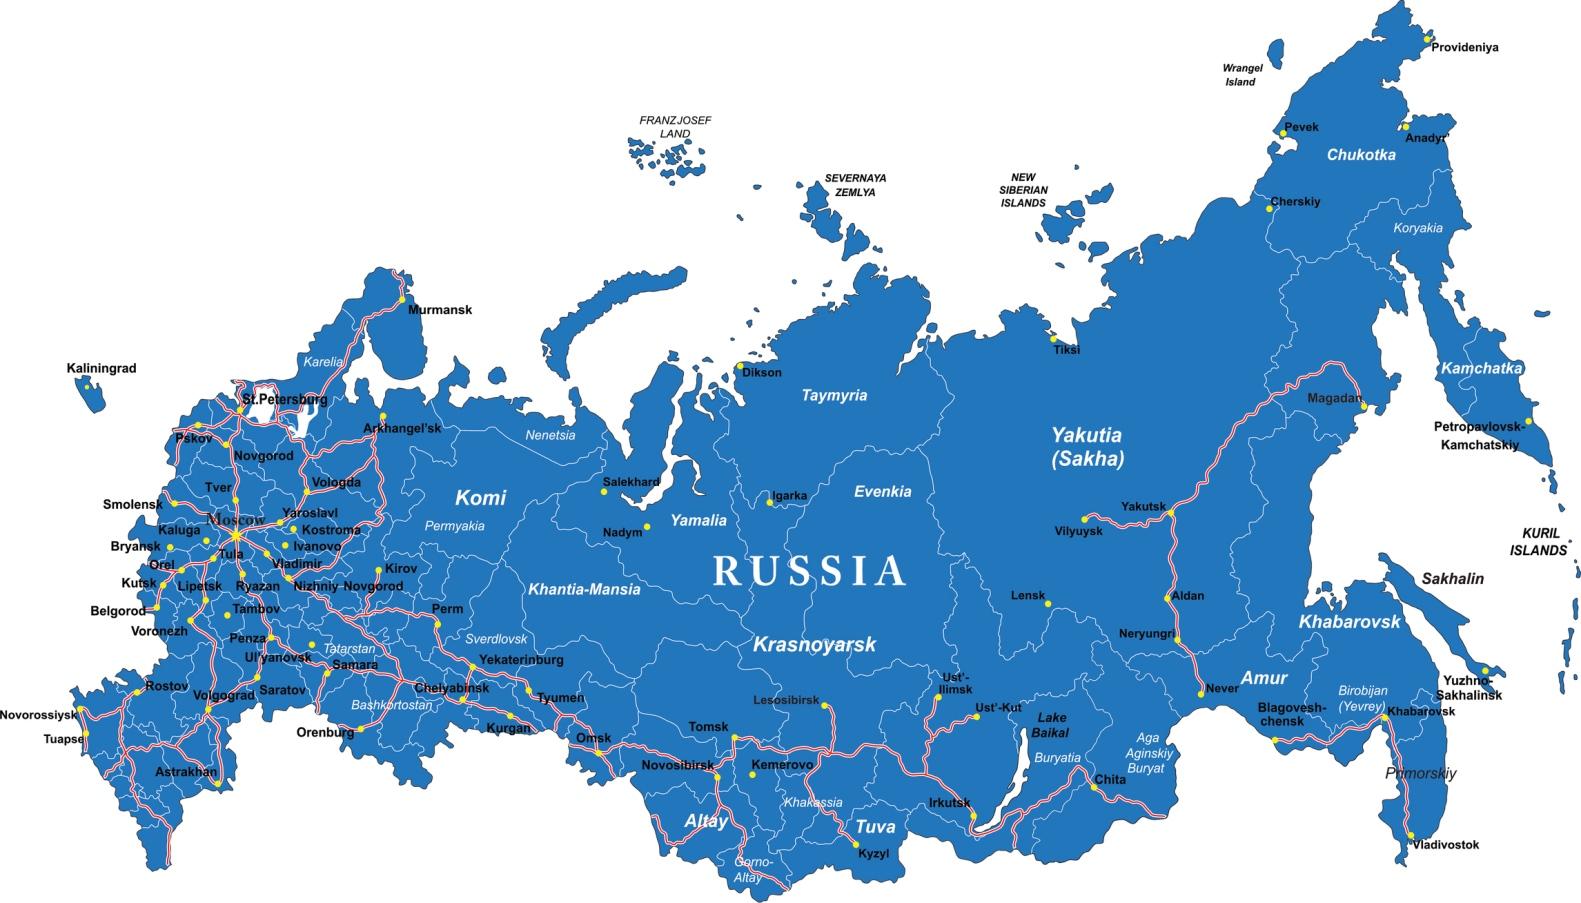 Russia Oggi Cartina.Coronavirus Il Modello Russia Frontiere Chiuse E Visti Negati La Linea Dura Funziona Ma Non Abbassiamo La Guardia Facciamo Cio Che Dice La Scienza